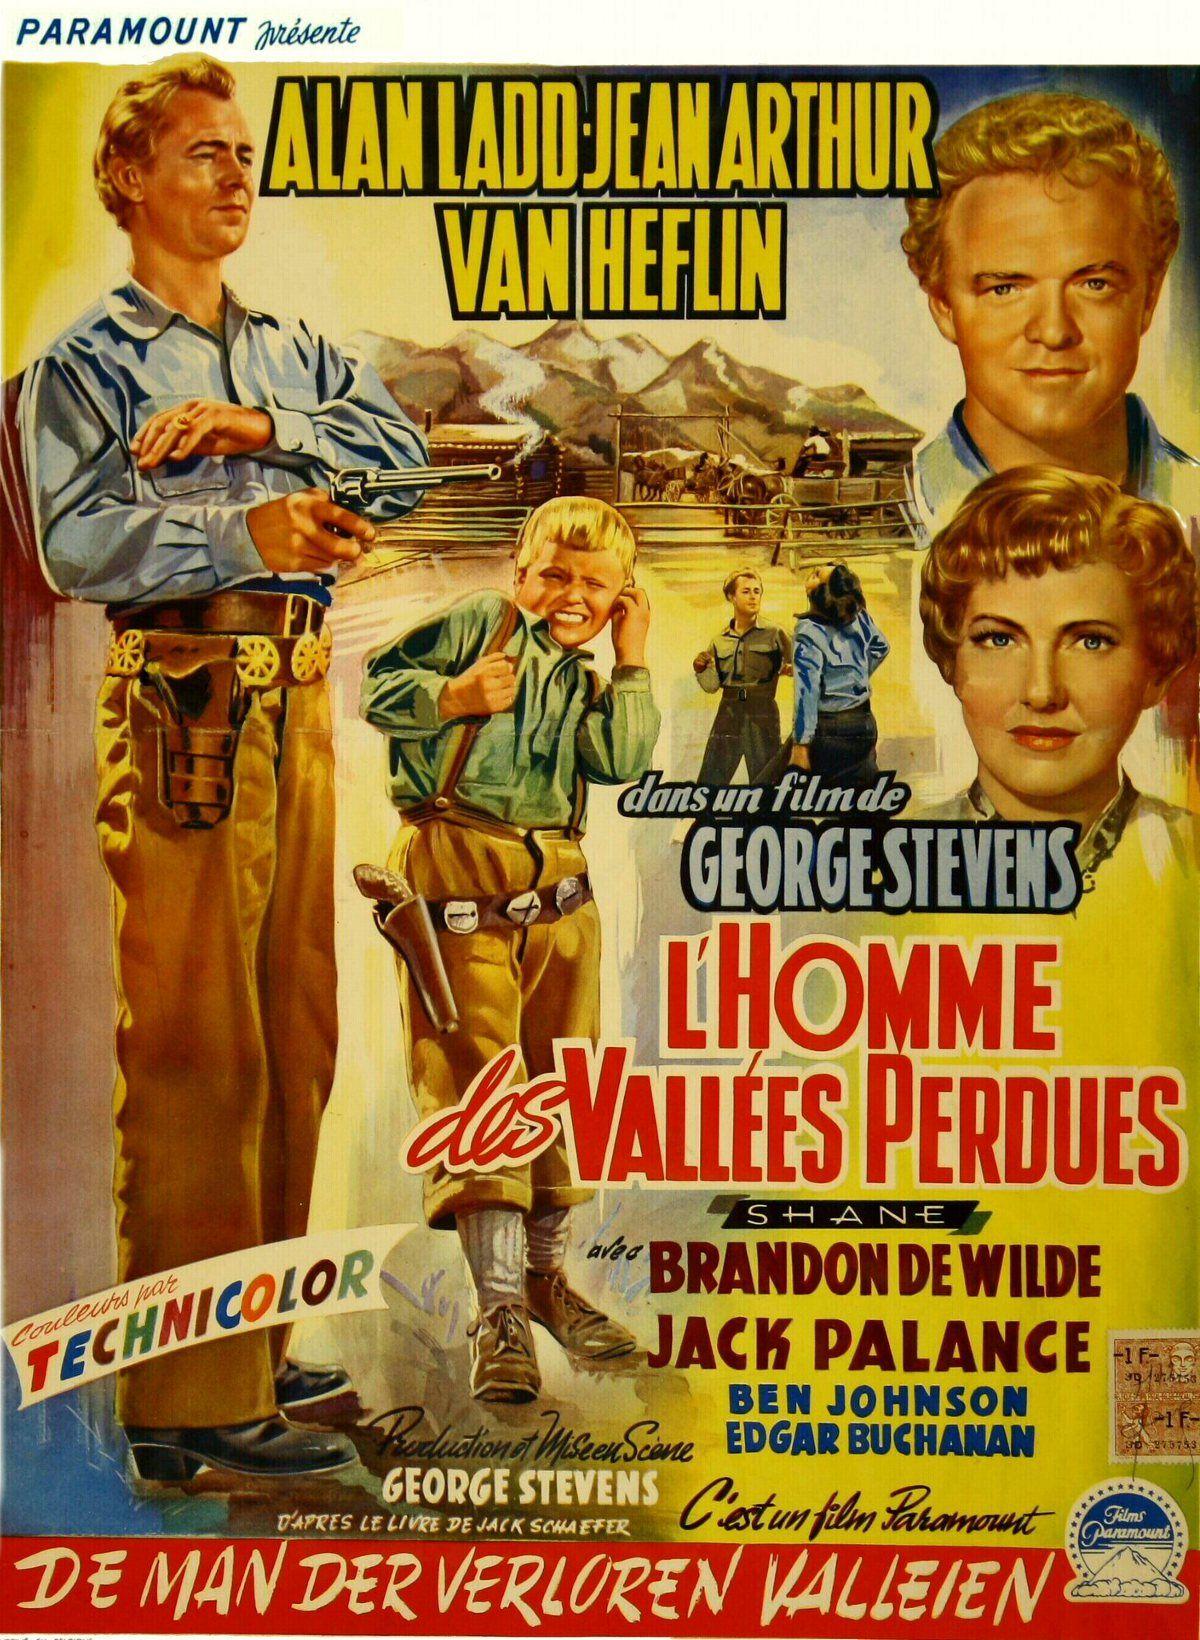 Jack Palance Filmes Awesome quand elle s'emportait, elle ressemblait à jack palance dans l